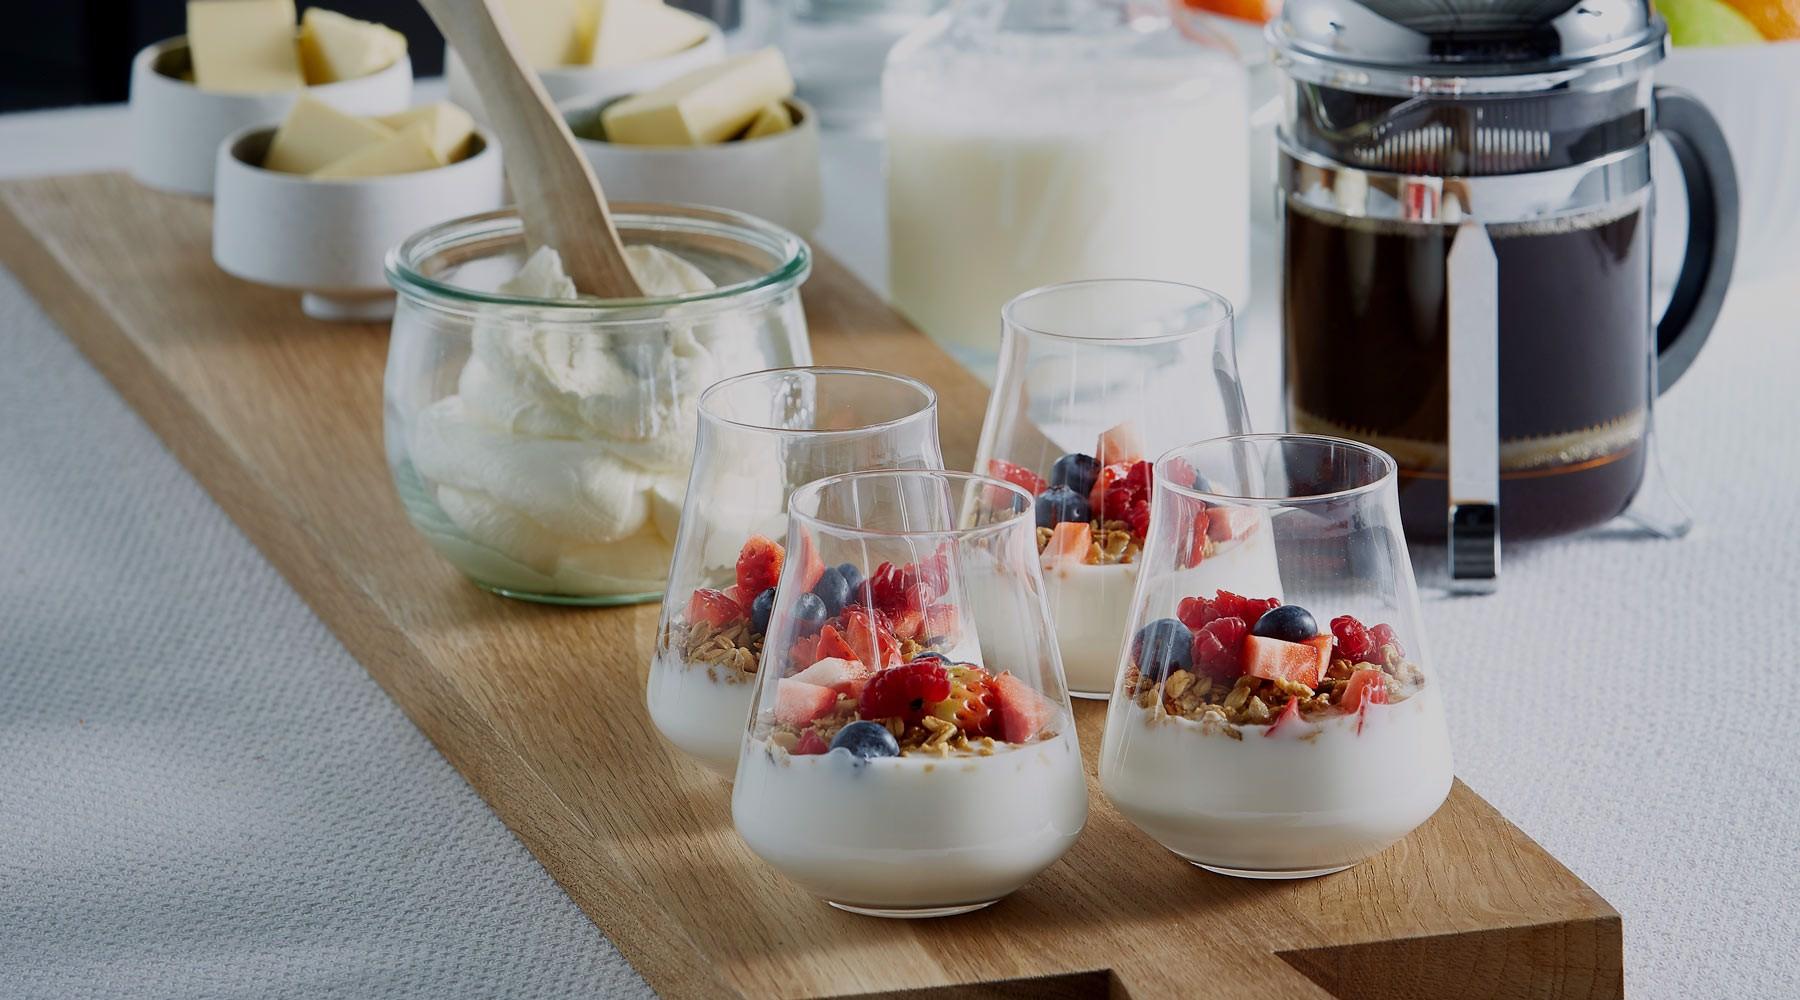 Ernæringskriterier gør det nemmere at spise sundt